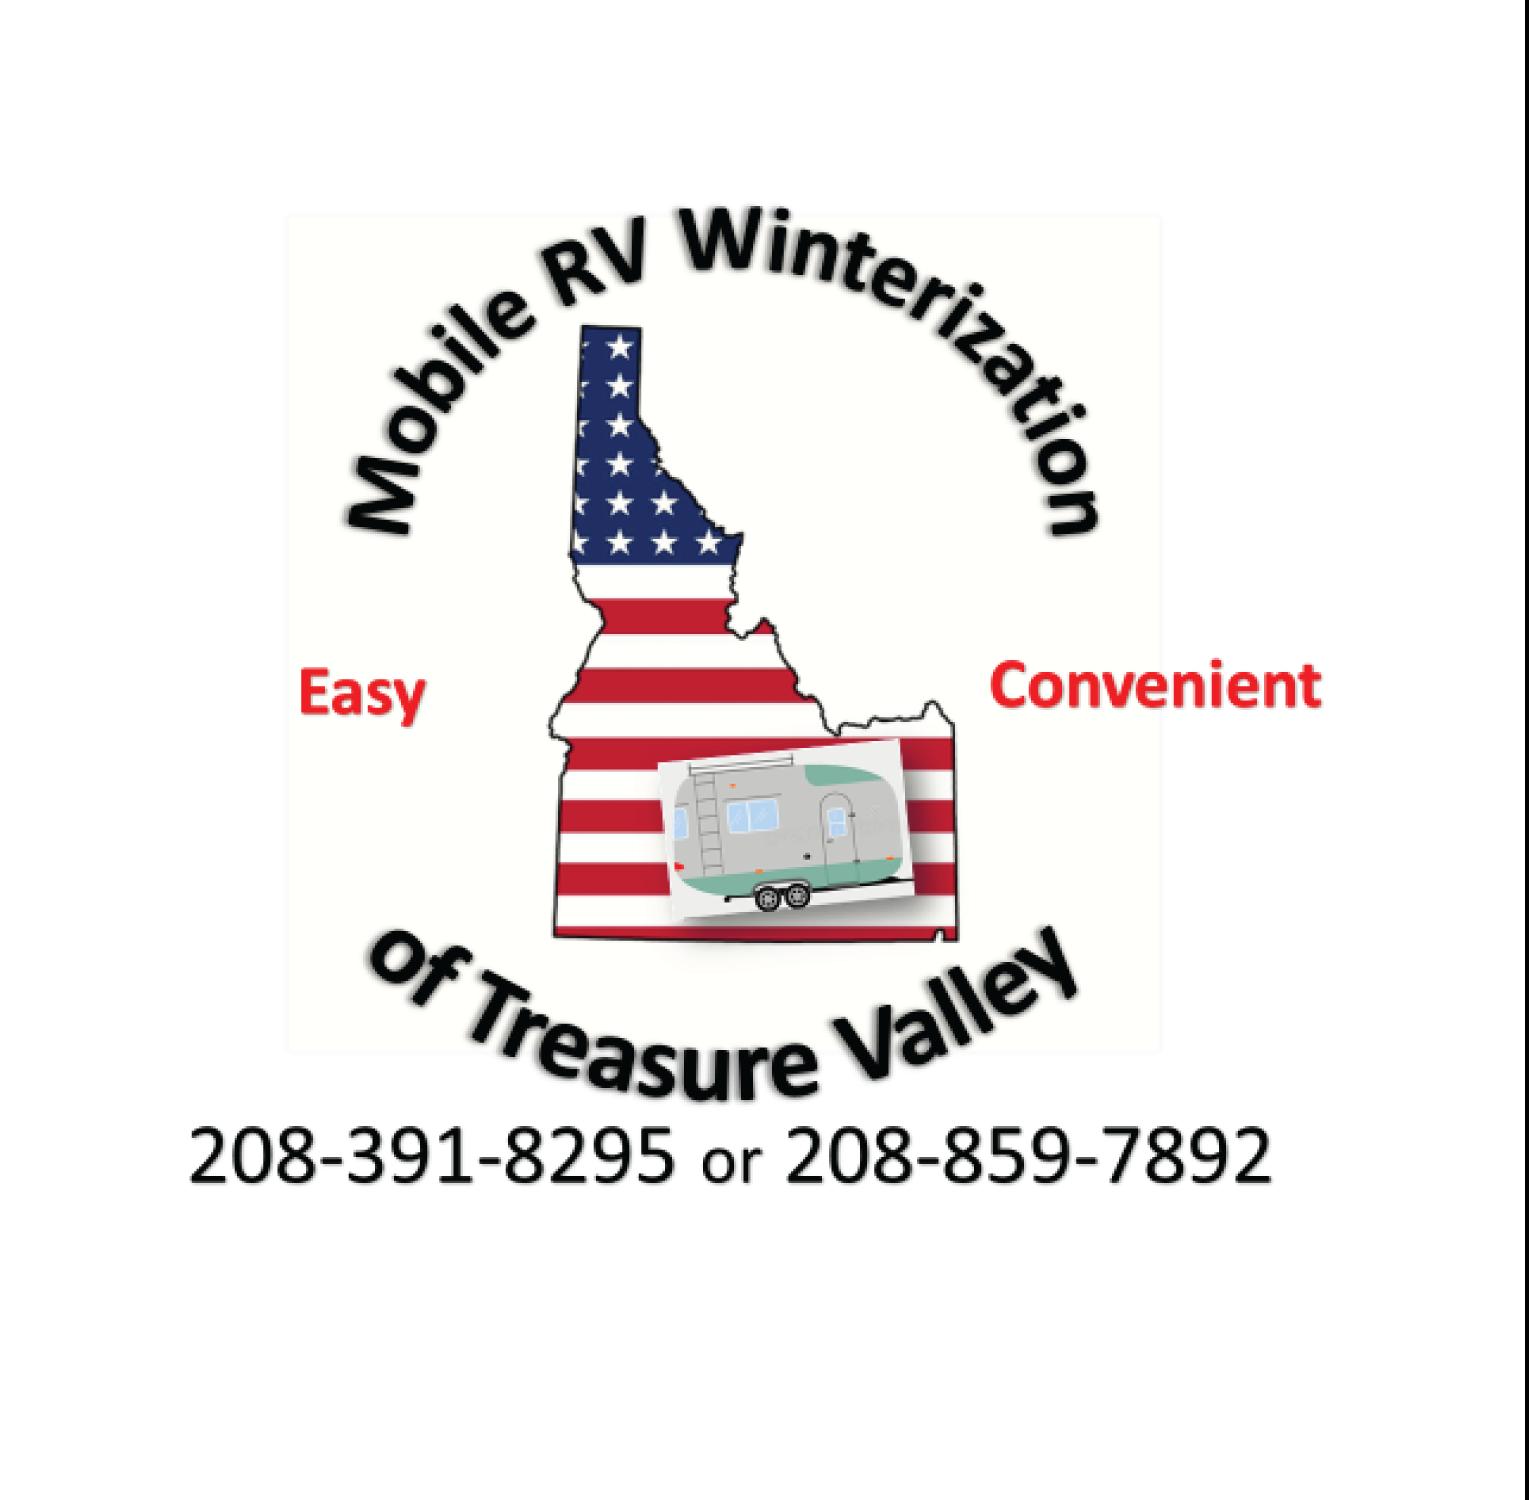 Mobile RV Winterization of Treasure Valley LLC